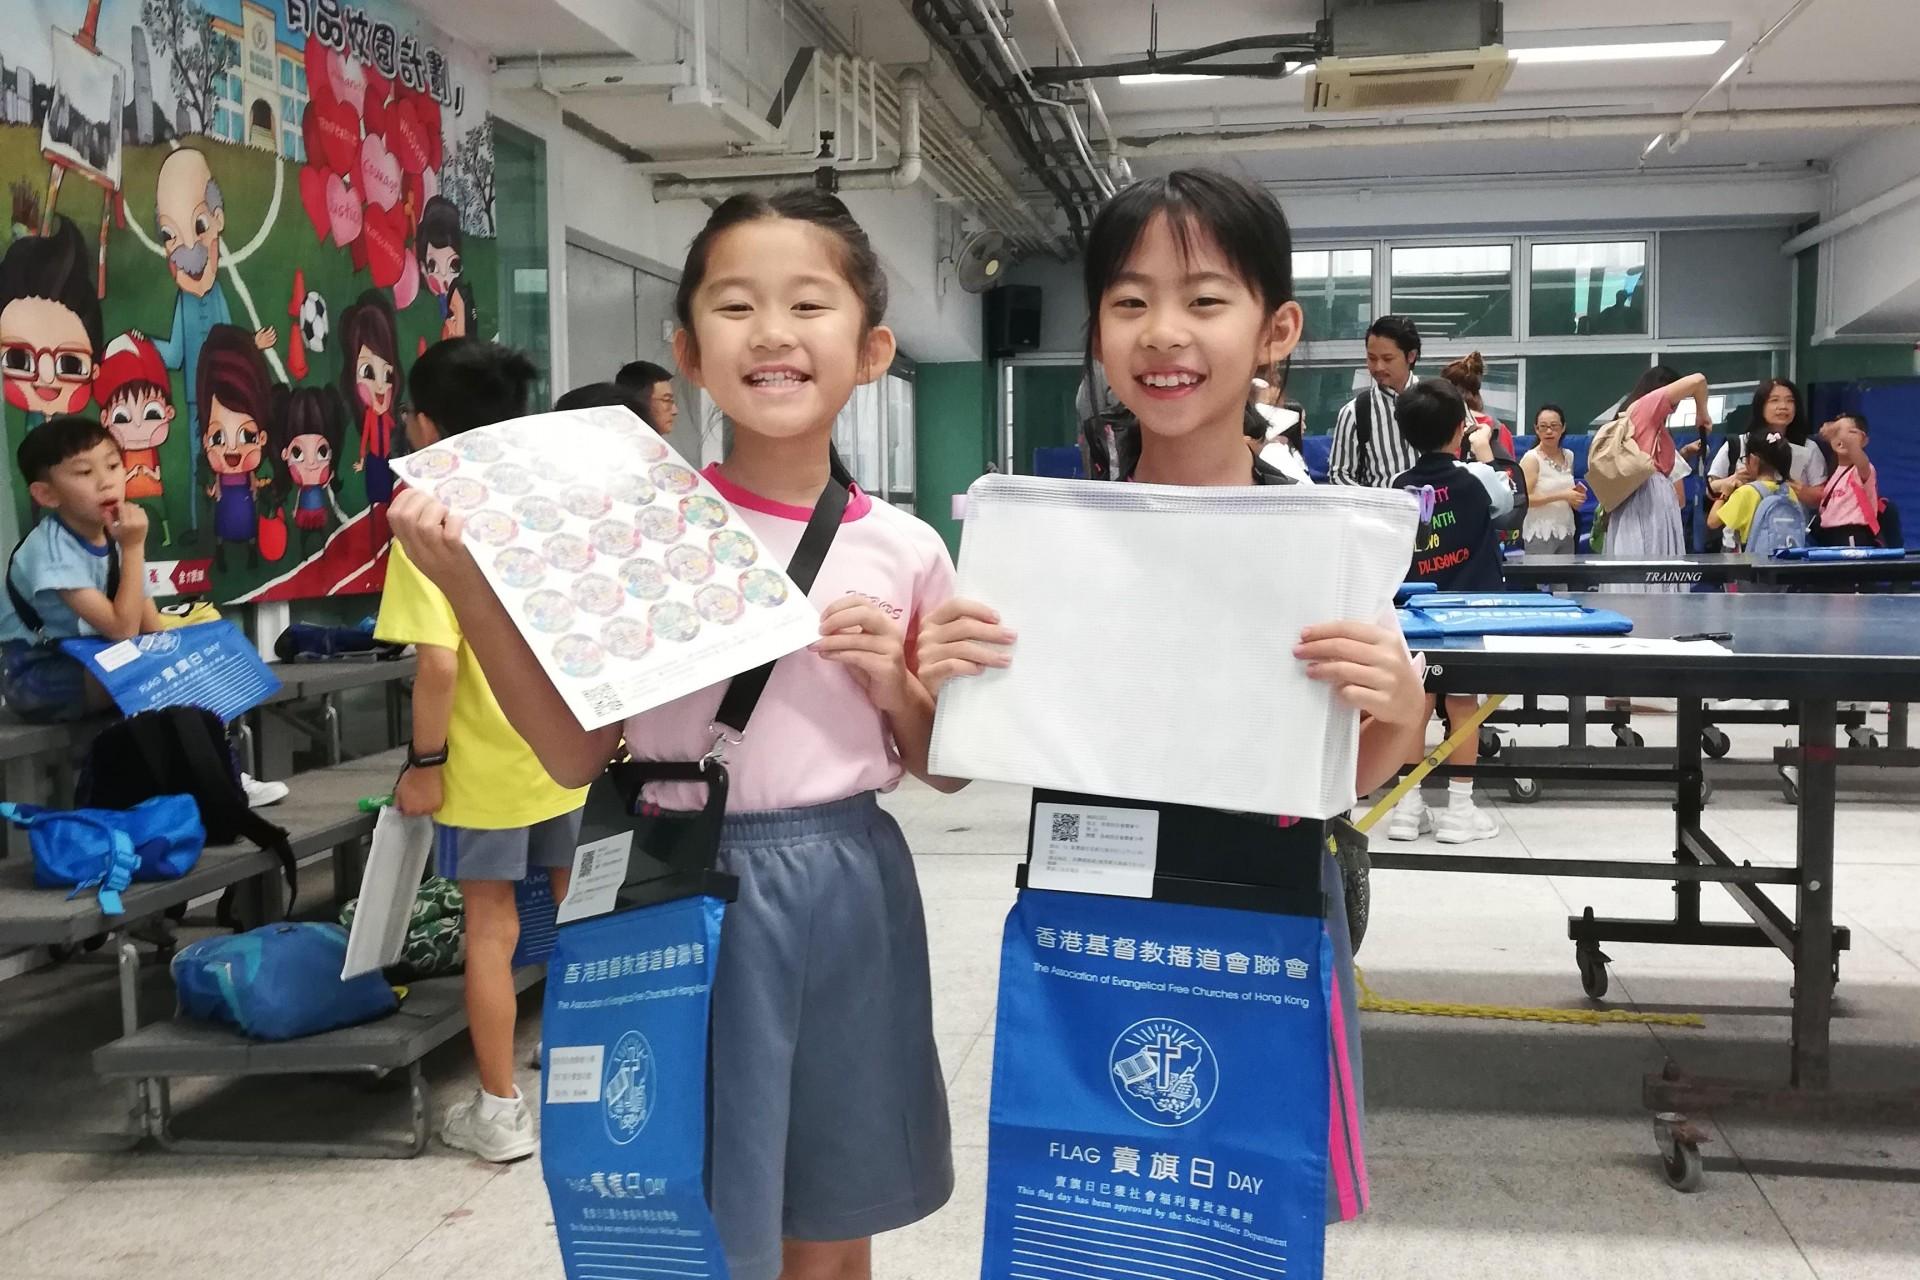 20191026 - 三年級親子賣旗活動